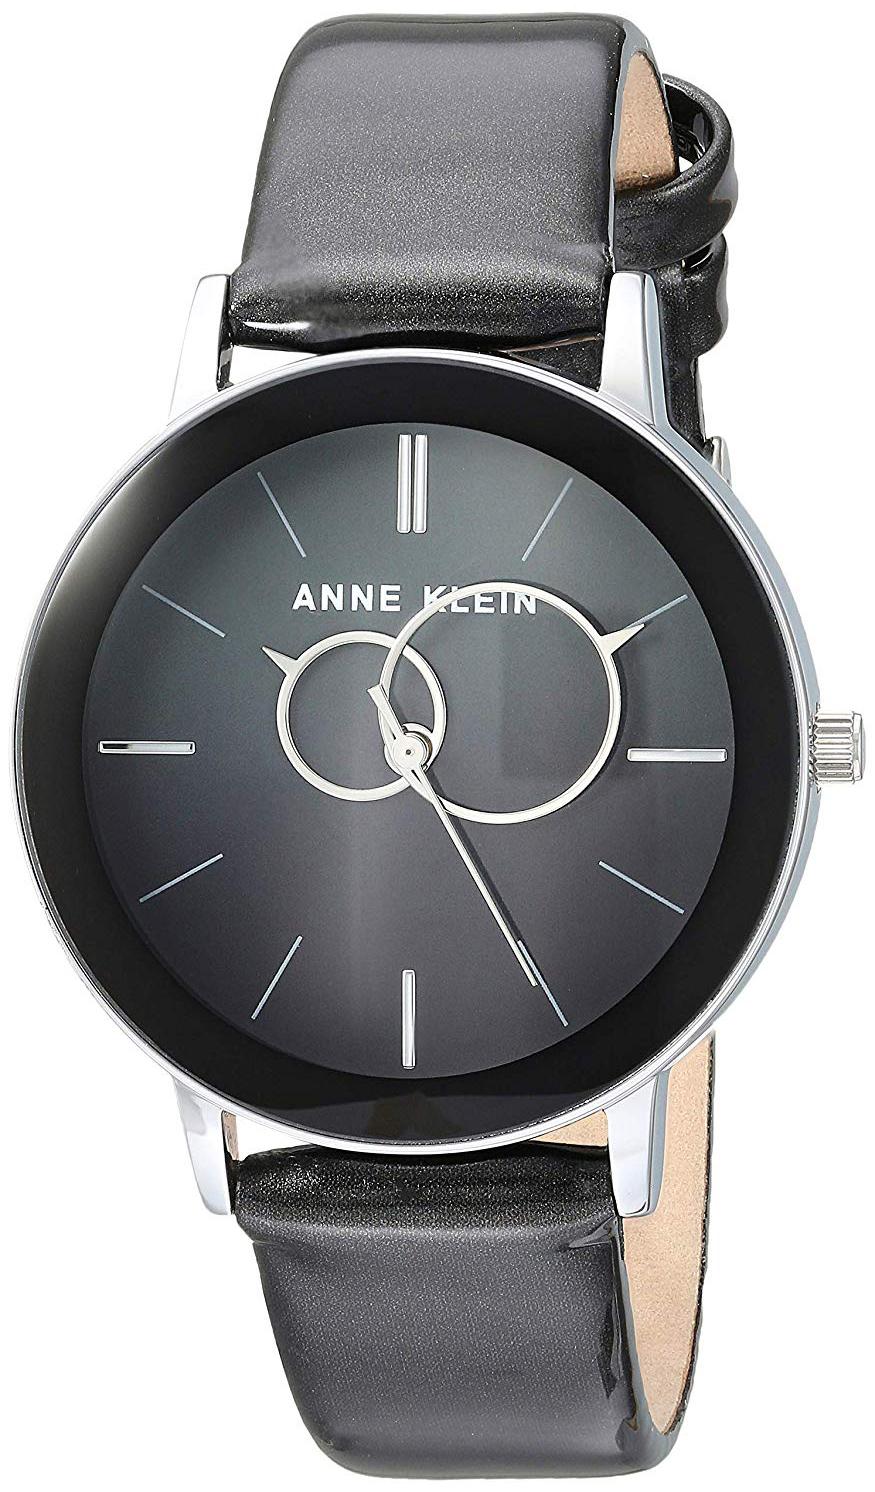 Anne Klein Dress Dameklokke AK/3261BKGY Sort/Sateng Ø34 mm - Anne Klein